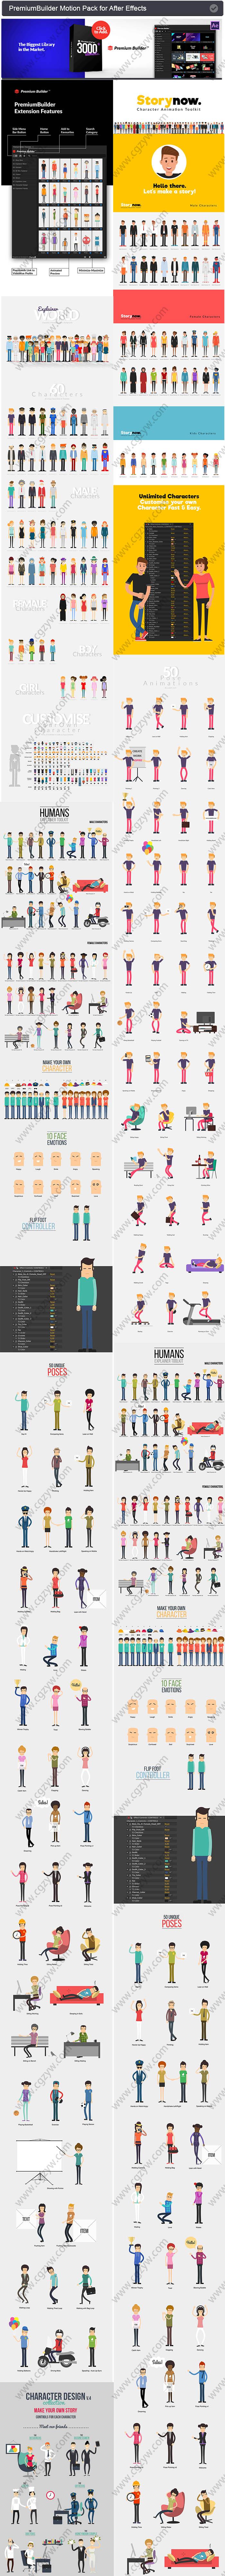 AE脚本-300+二维角色卡通人物动作MG动画场景元素工具包